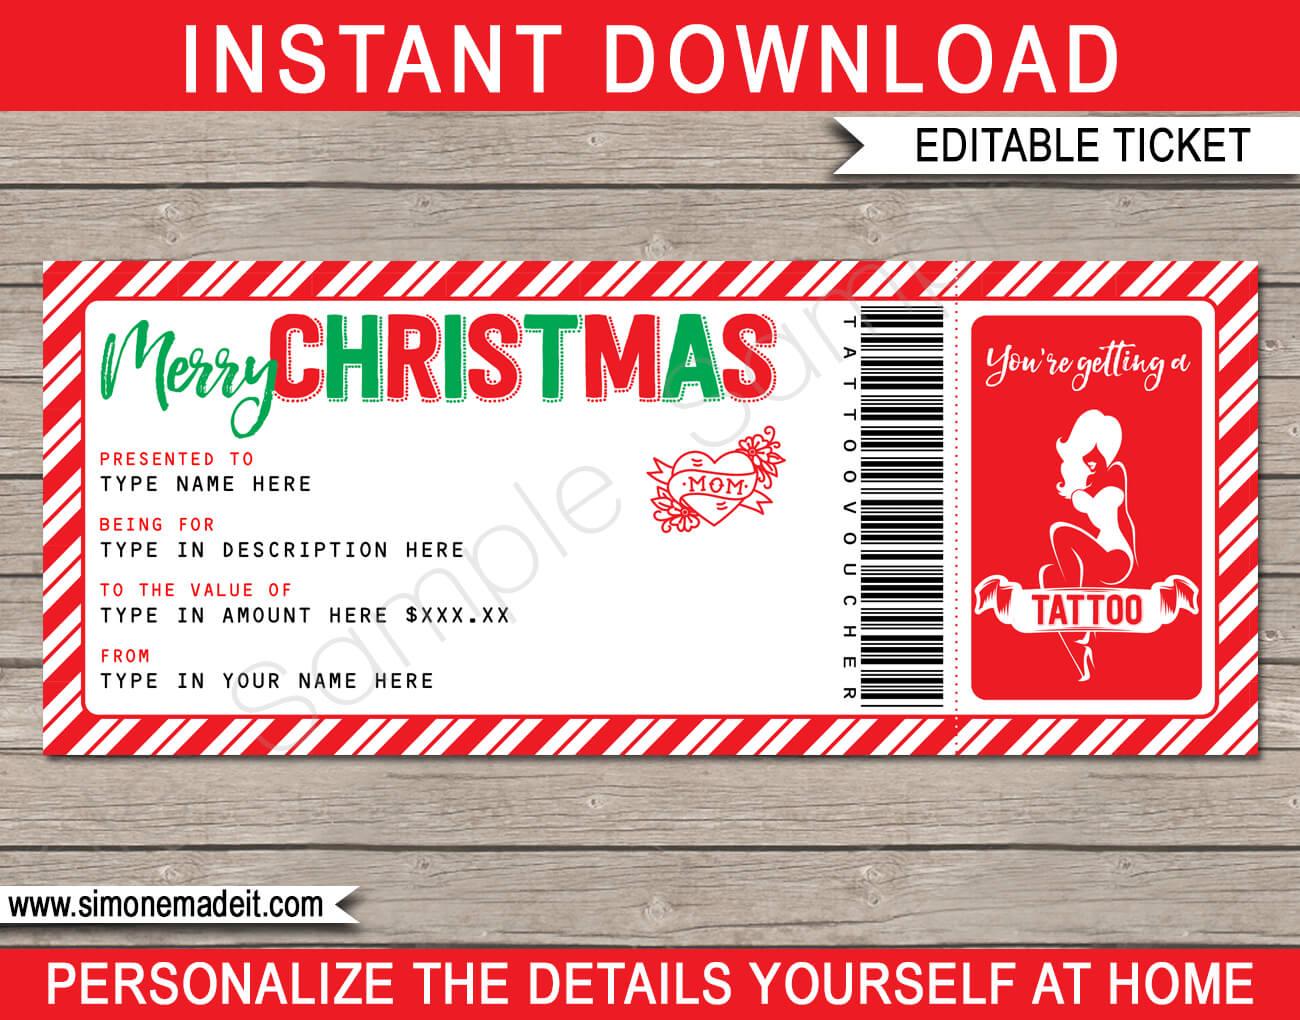 Christmas Tattoo Gift Vouchers Regarding Tattoo Gift Certificate Template